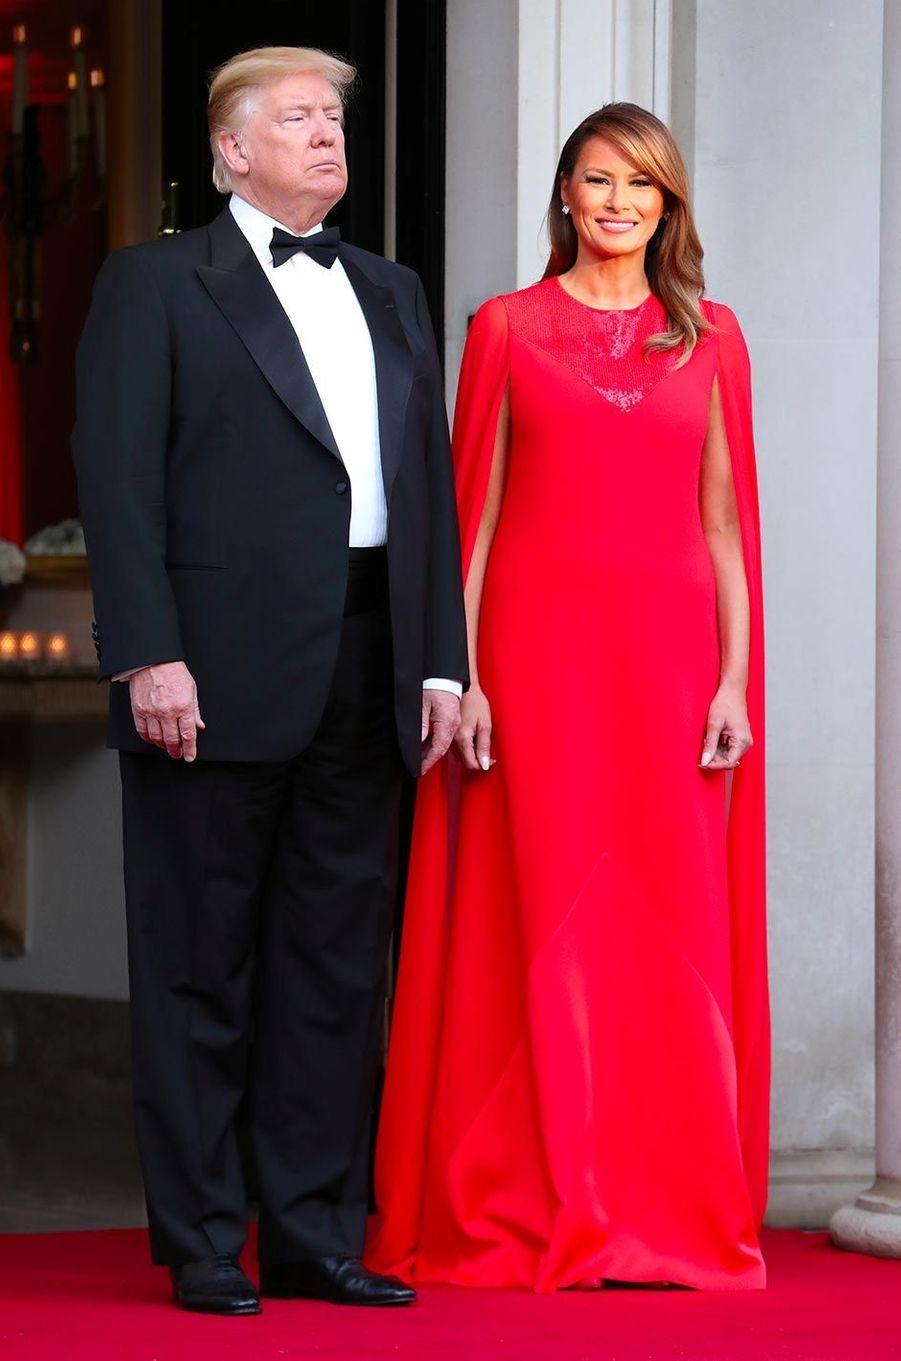 Melania Trump à Winfield House, la résidence de l'ambassadeur américain à Londres, le 4 juin 2019.